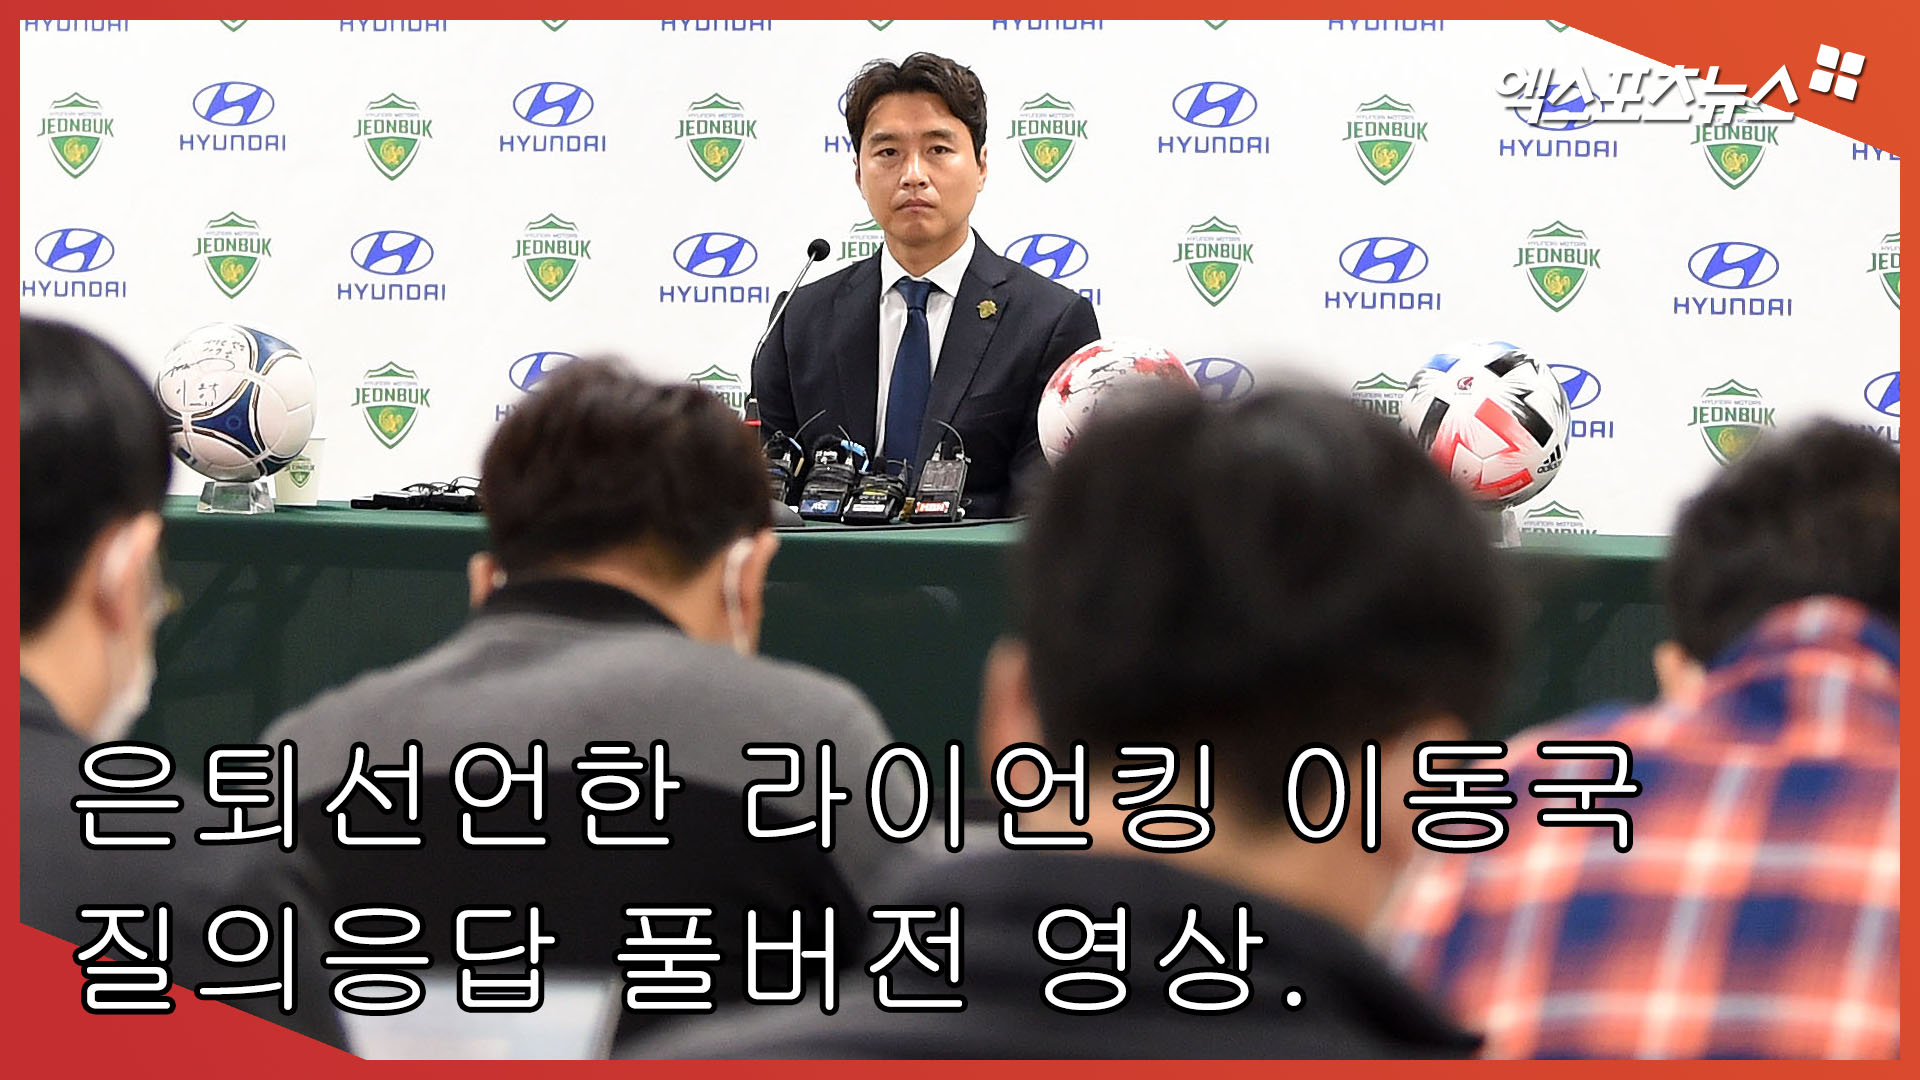 이동국 은퇴 기자회견, 질의응답 풀버전 영상 [엑's 스케치]